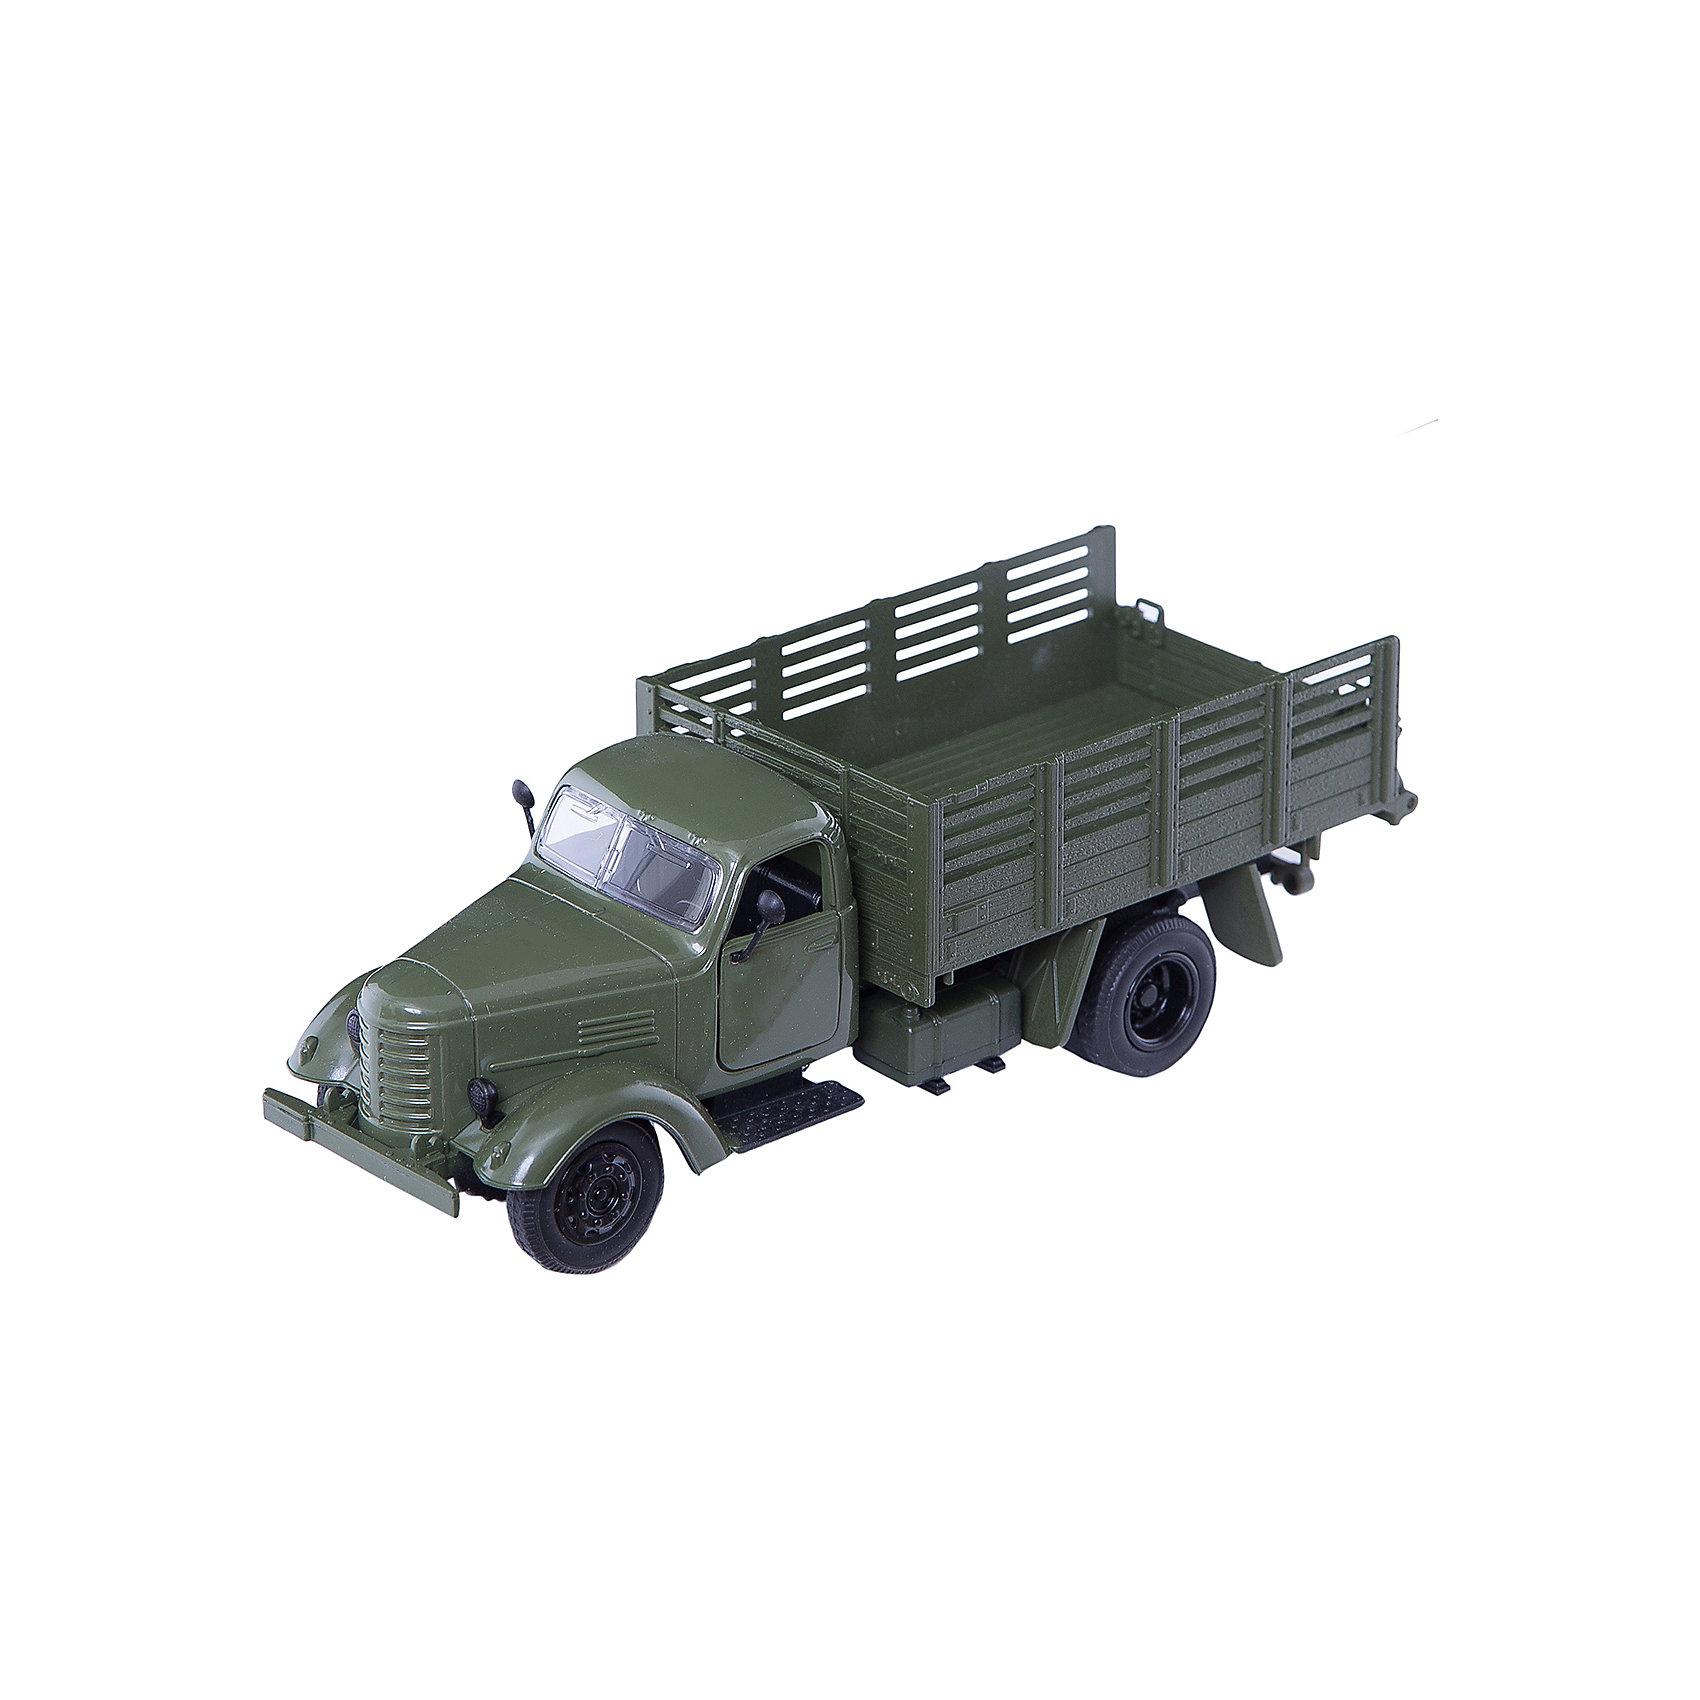 Пламенный мотор Военный грузовик, 1:36, со светом и звуком, Пламенный мотор пламенный мотор инерционная джип военный 1 24